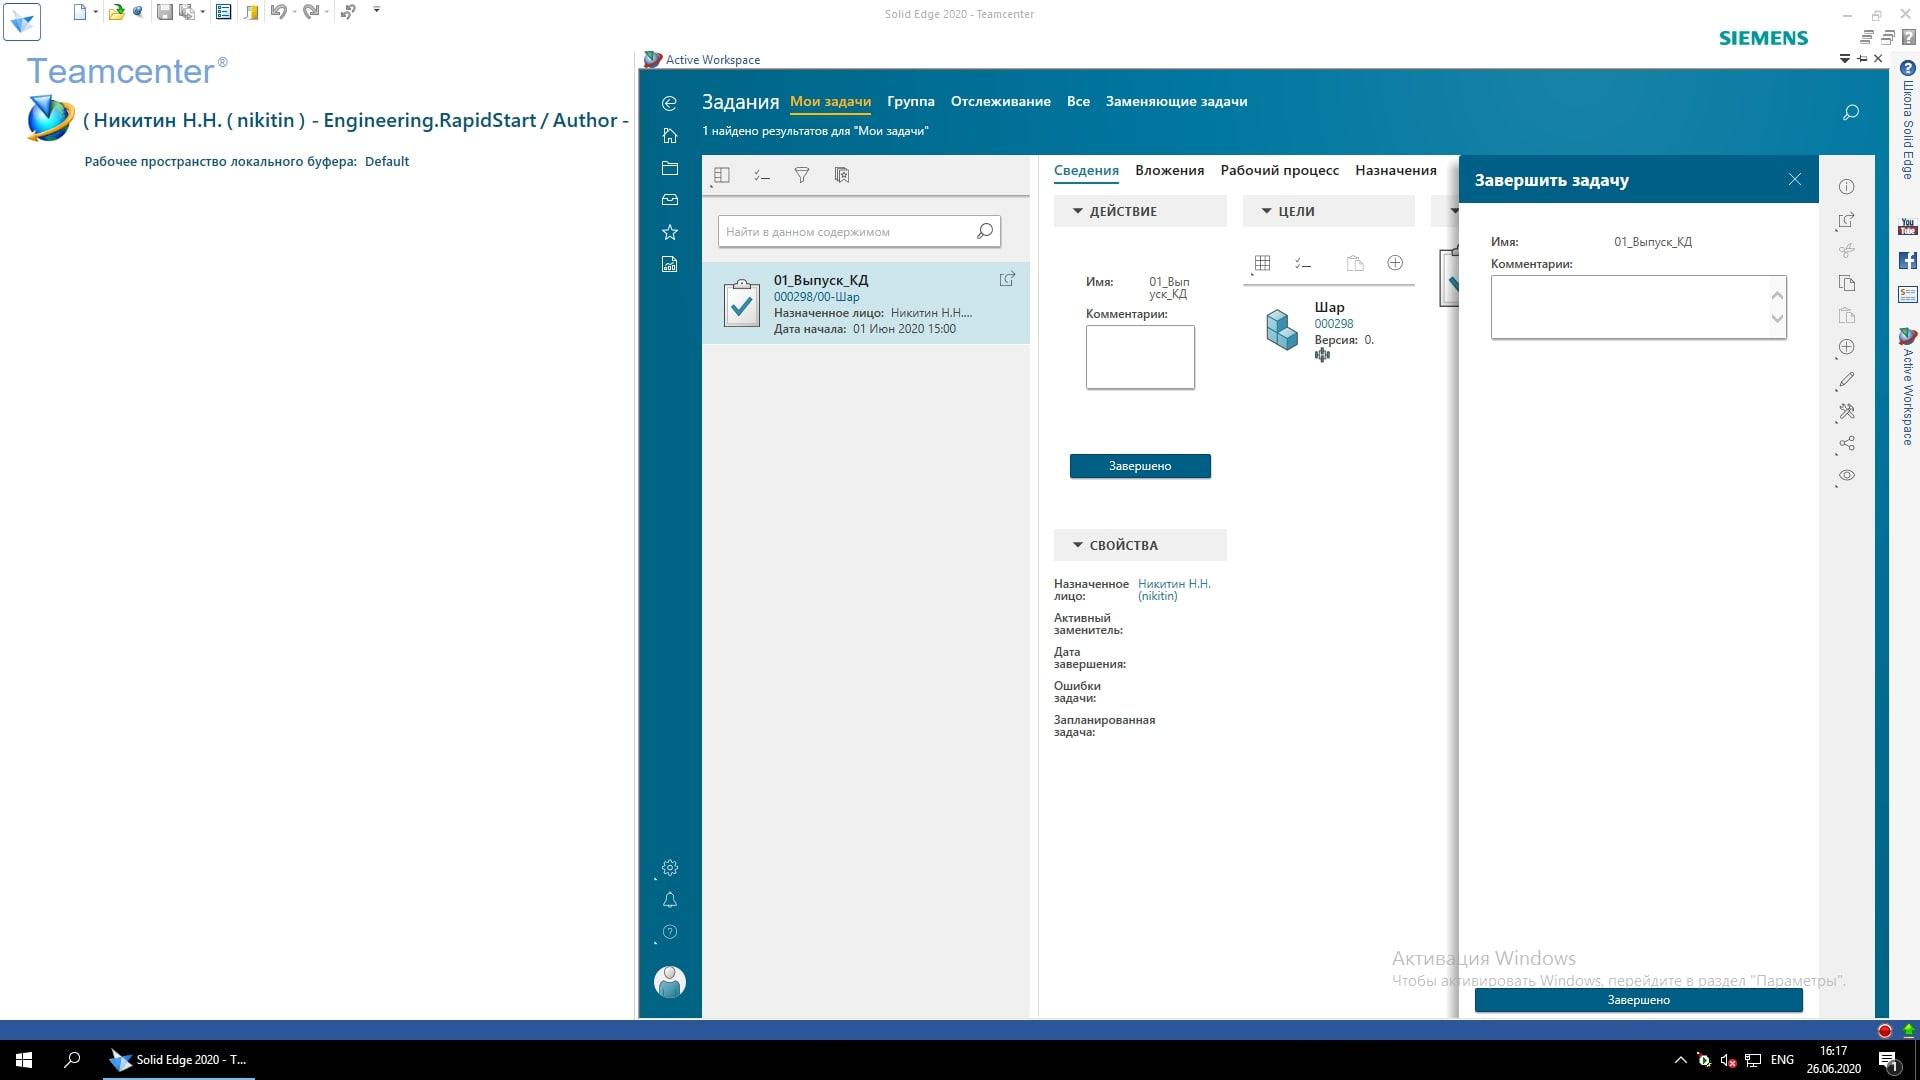 Teamcenter: Эффективное управление данными предприятия